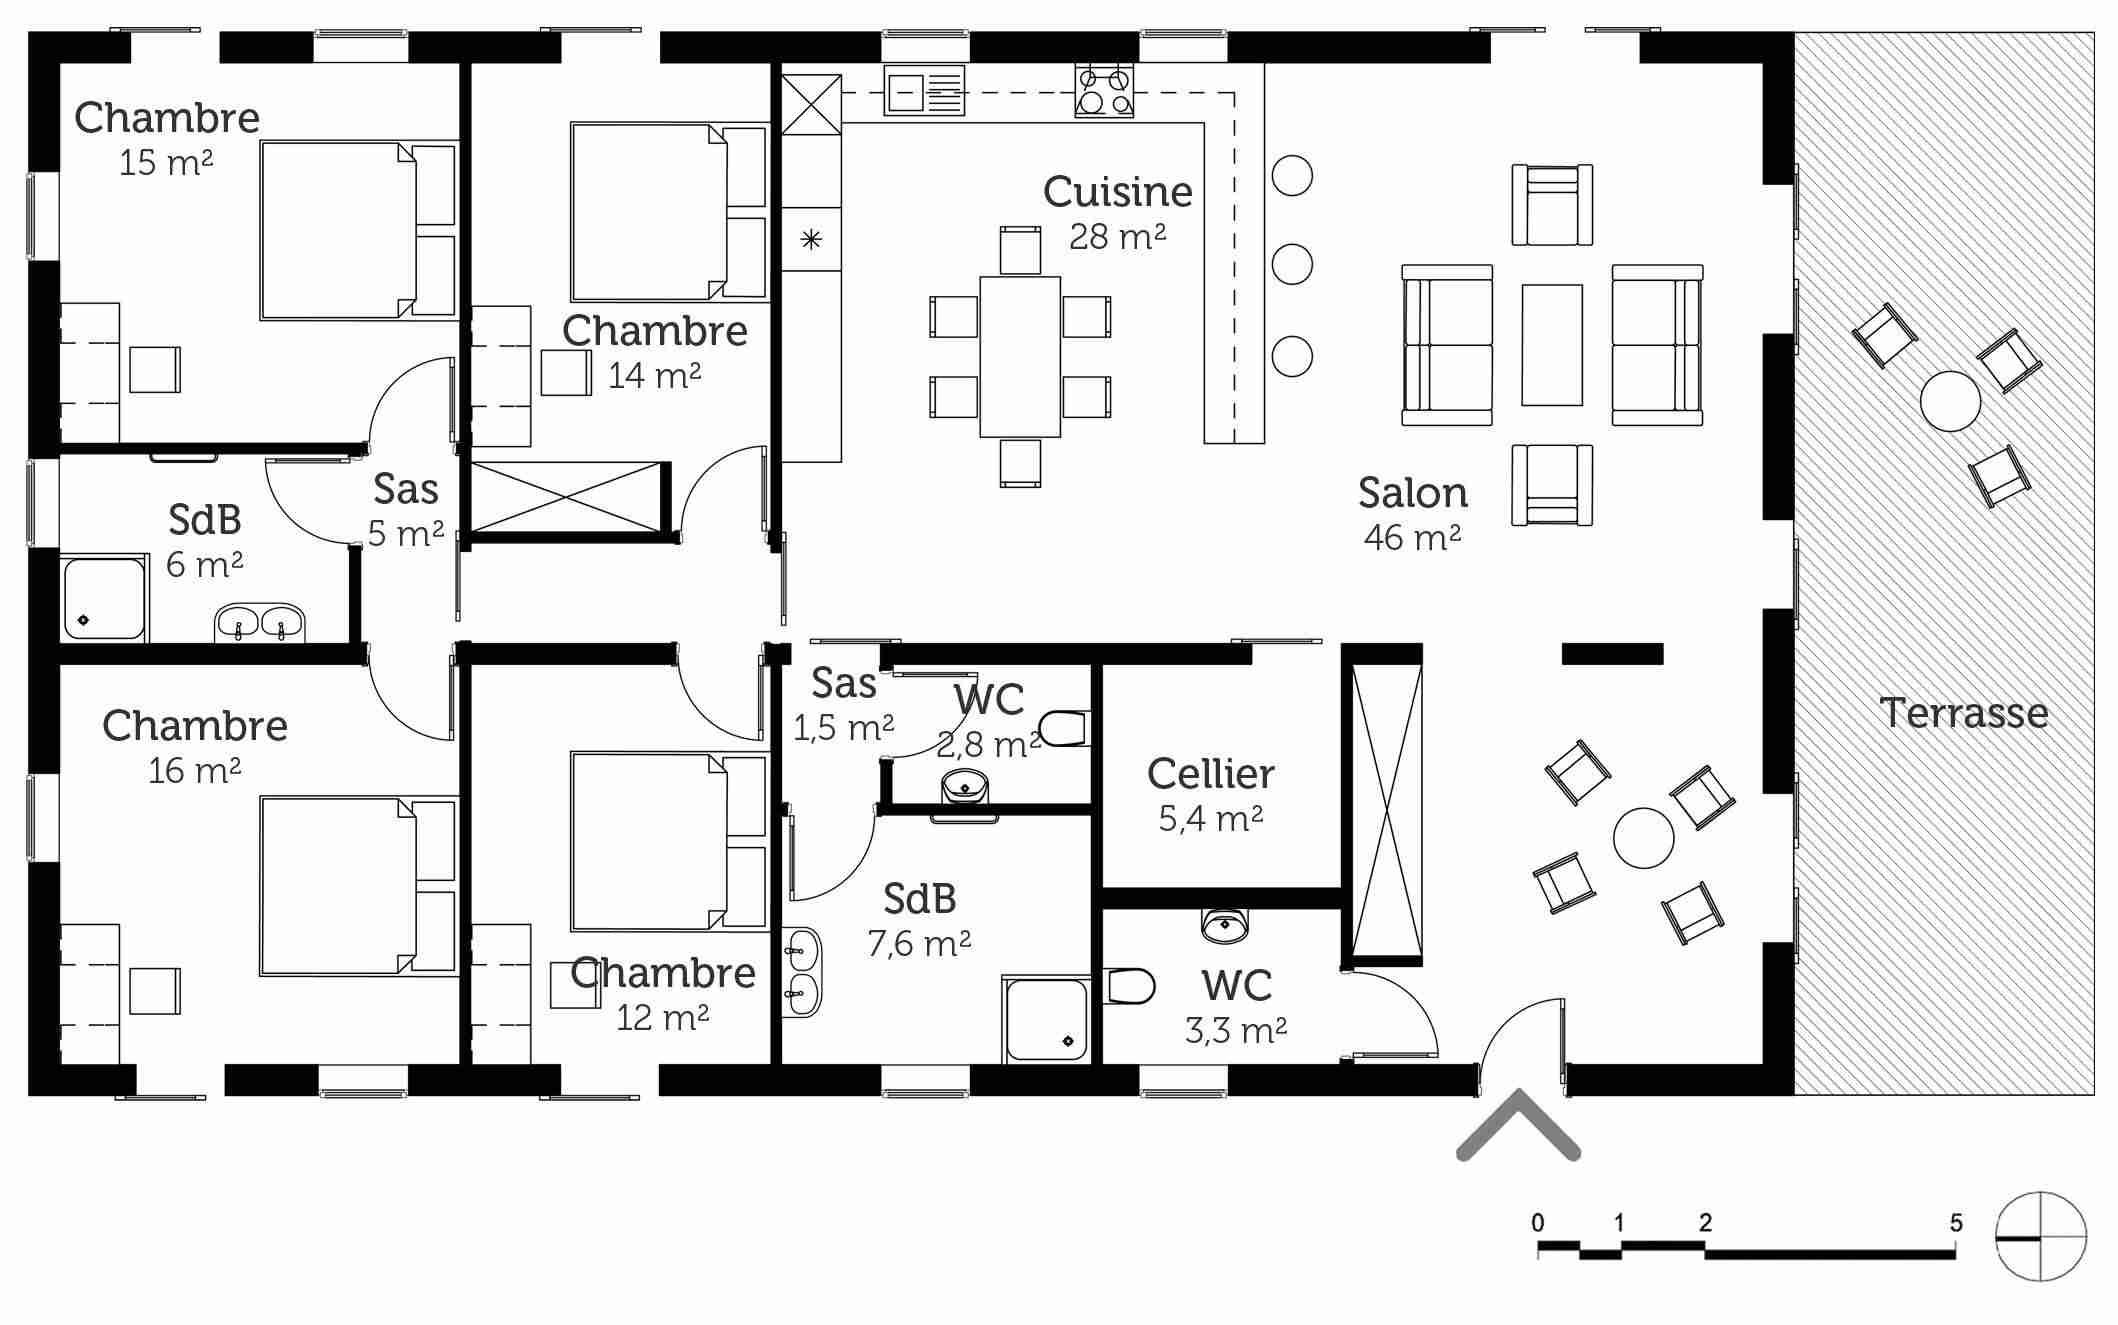 Plan de maison plain pied 4 chambres id es de travaux - Plan maison r 1 100m2 ...